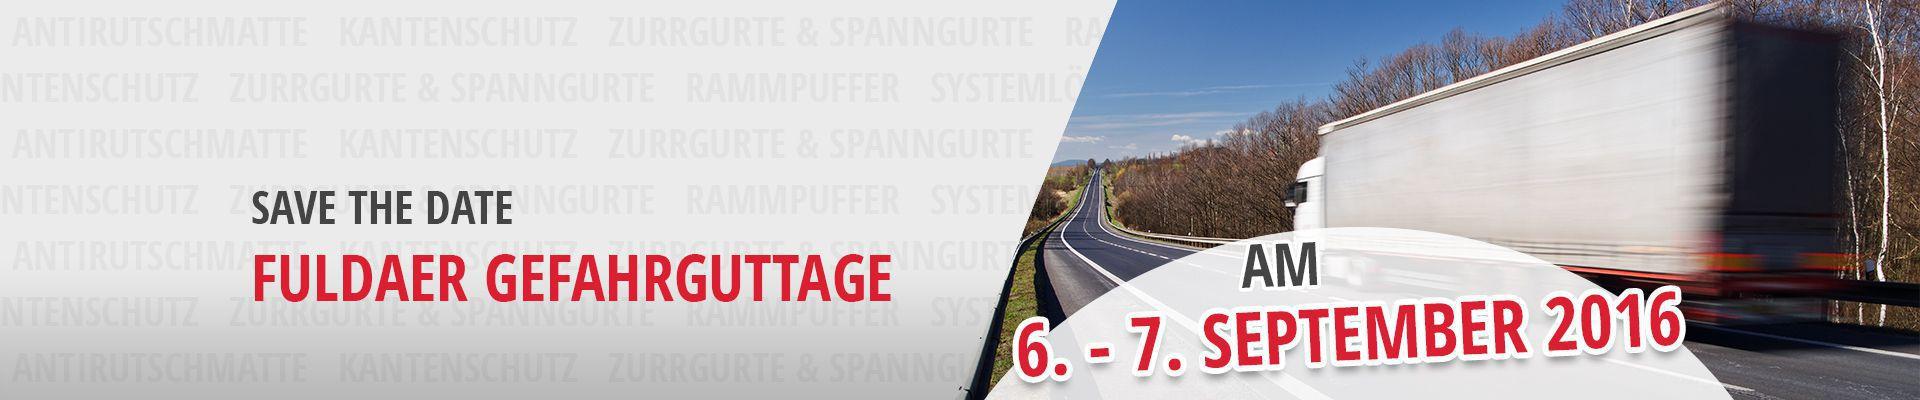 SAFE THE DATE: Fuldaer Gefahrguttage 6.-7. September 2016